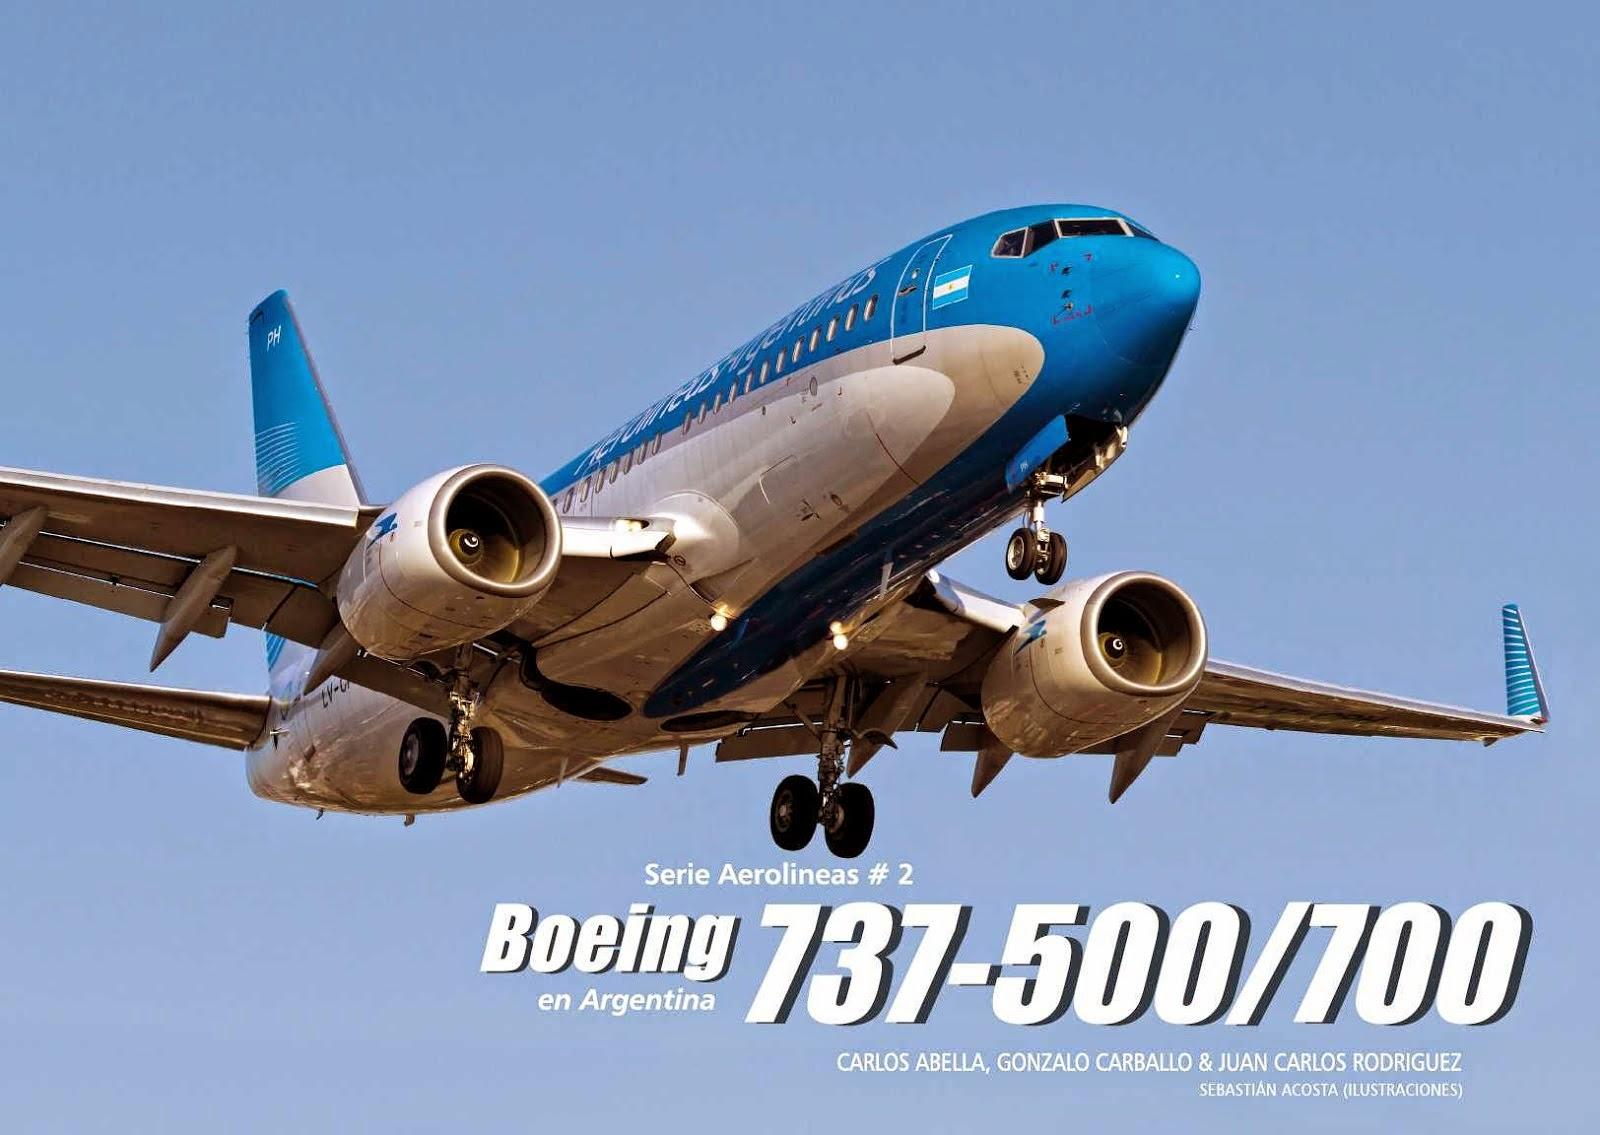 Boeing 737-500/700